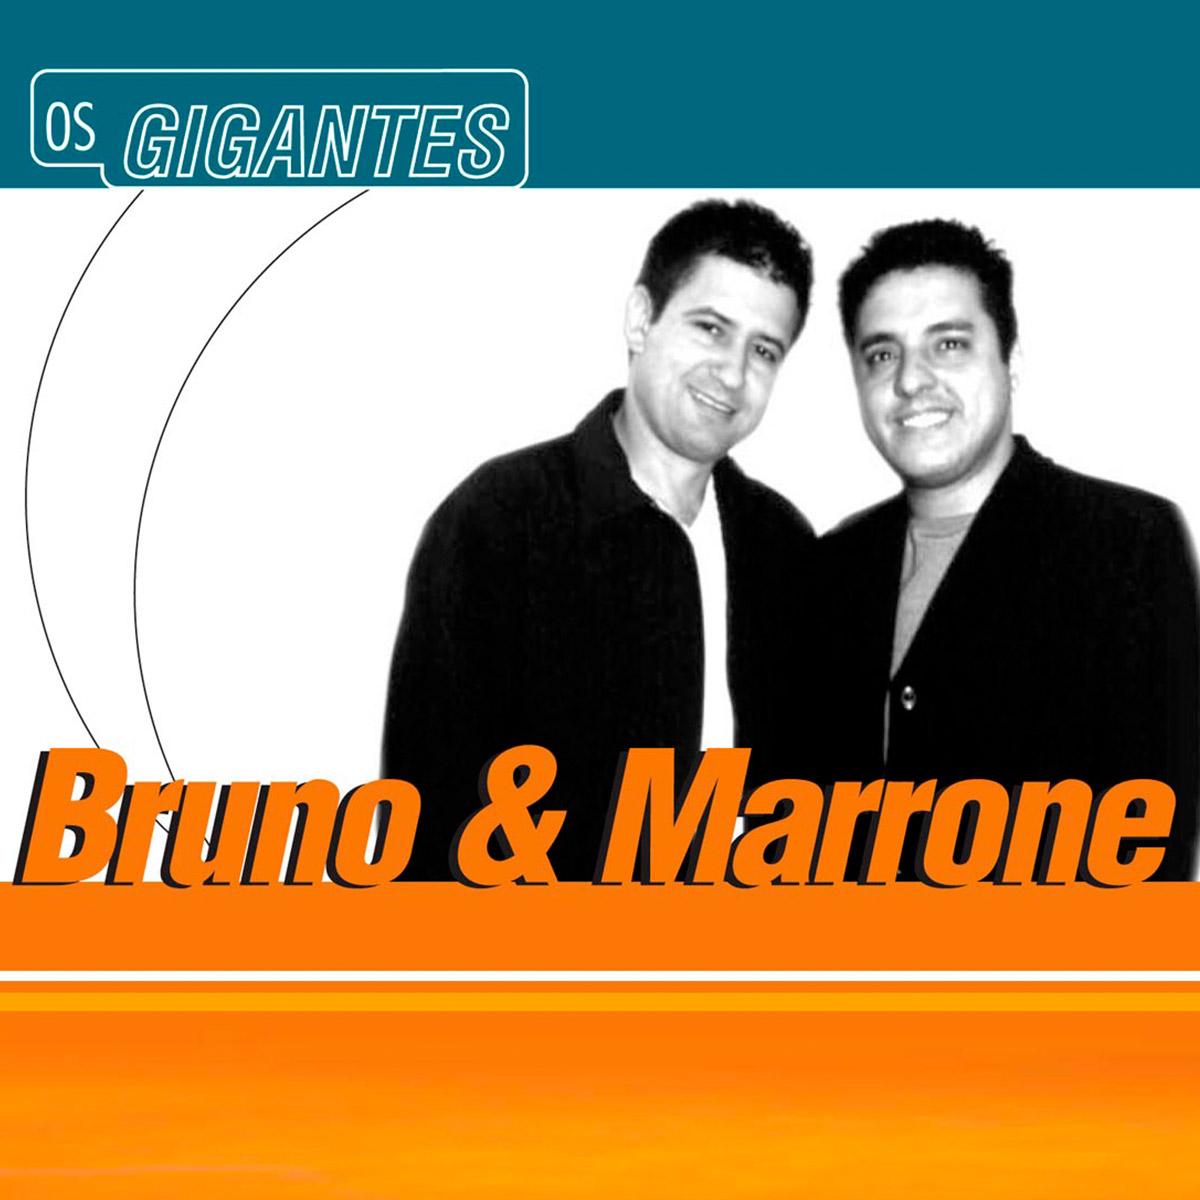 CD Bruno & Marrone Série Os Gigantes